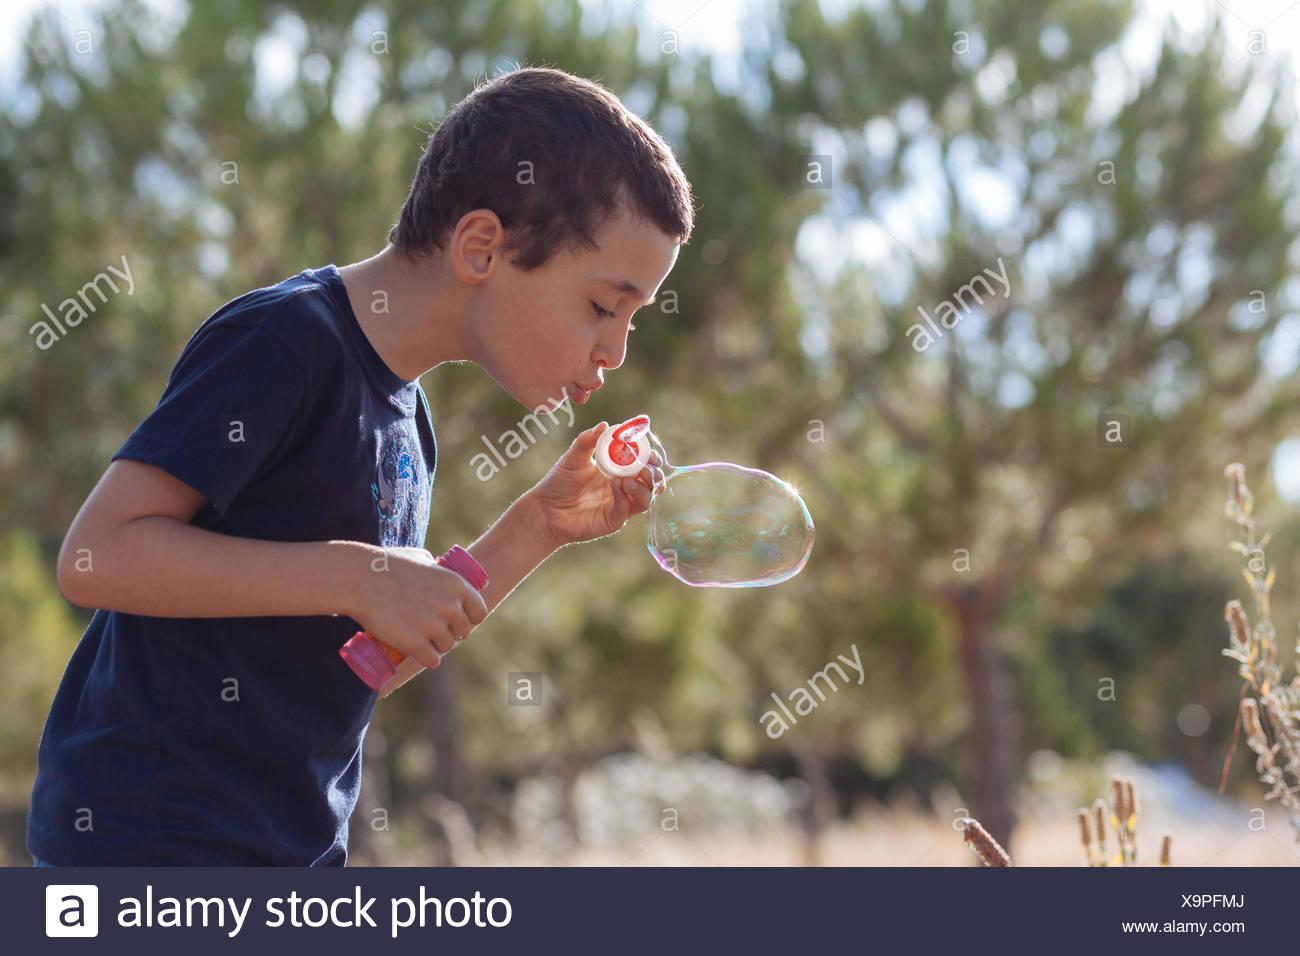 Boy Blowing Bubbles sur les plantes Photo Stock